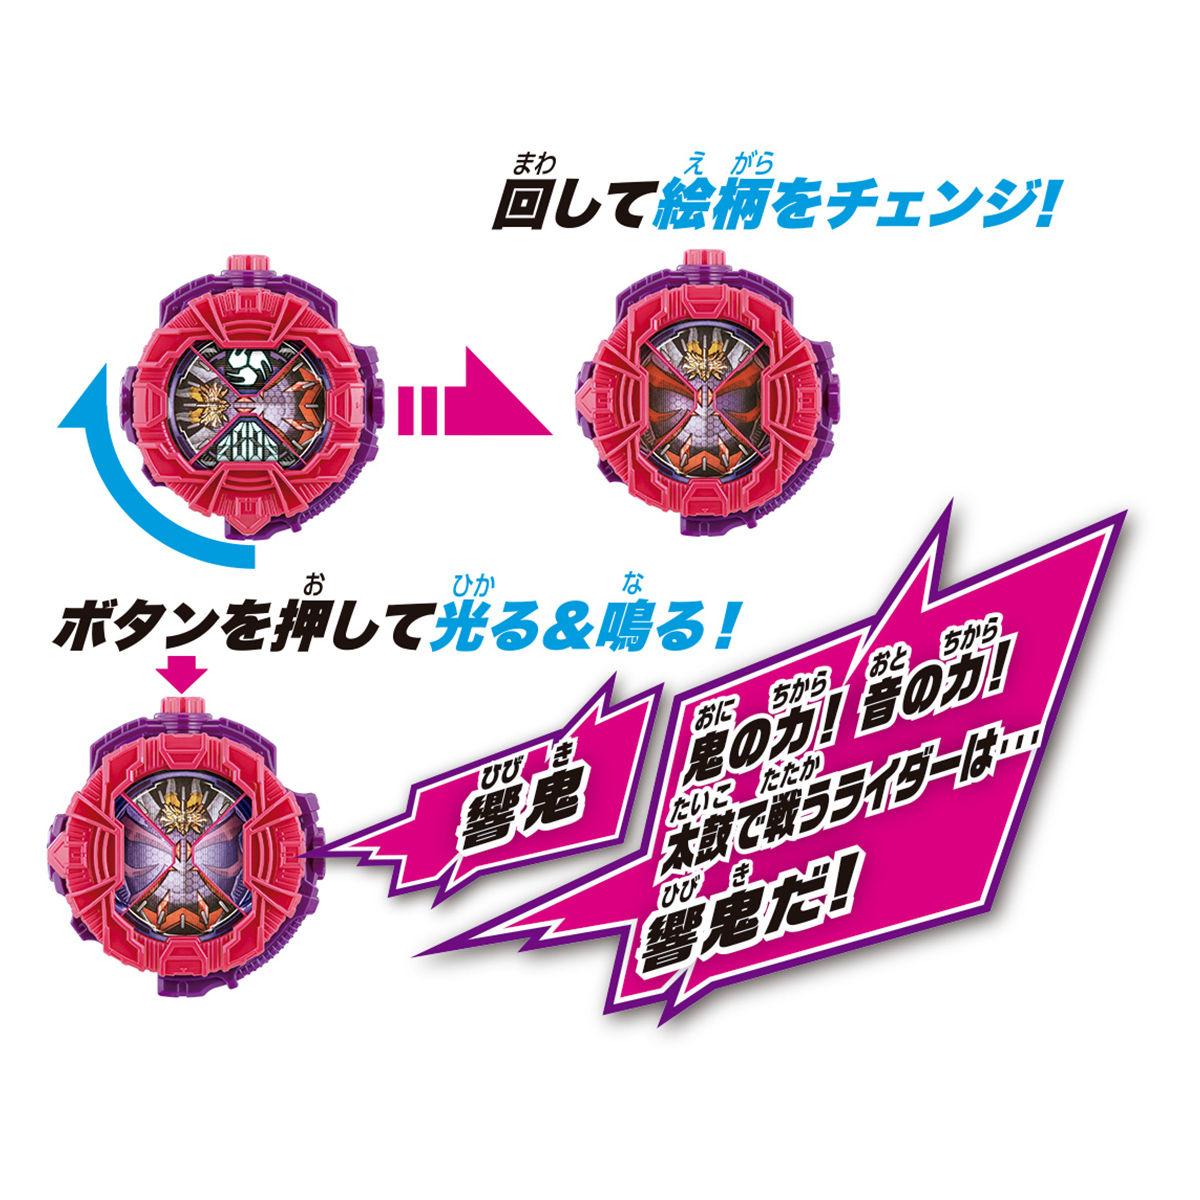 仮面ライダージオウ『DX響鬼ライドウォッチ』変身なりきり-007